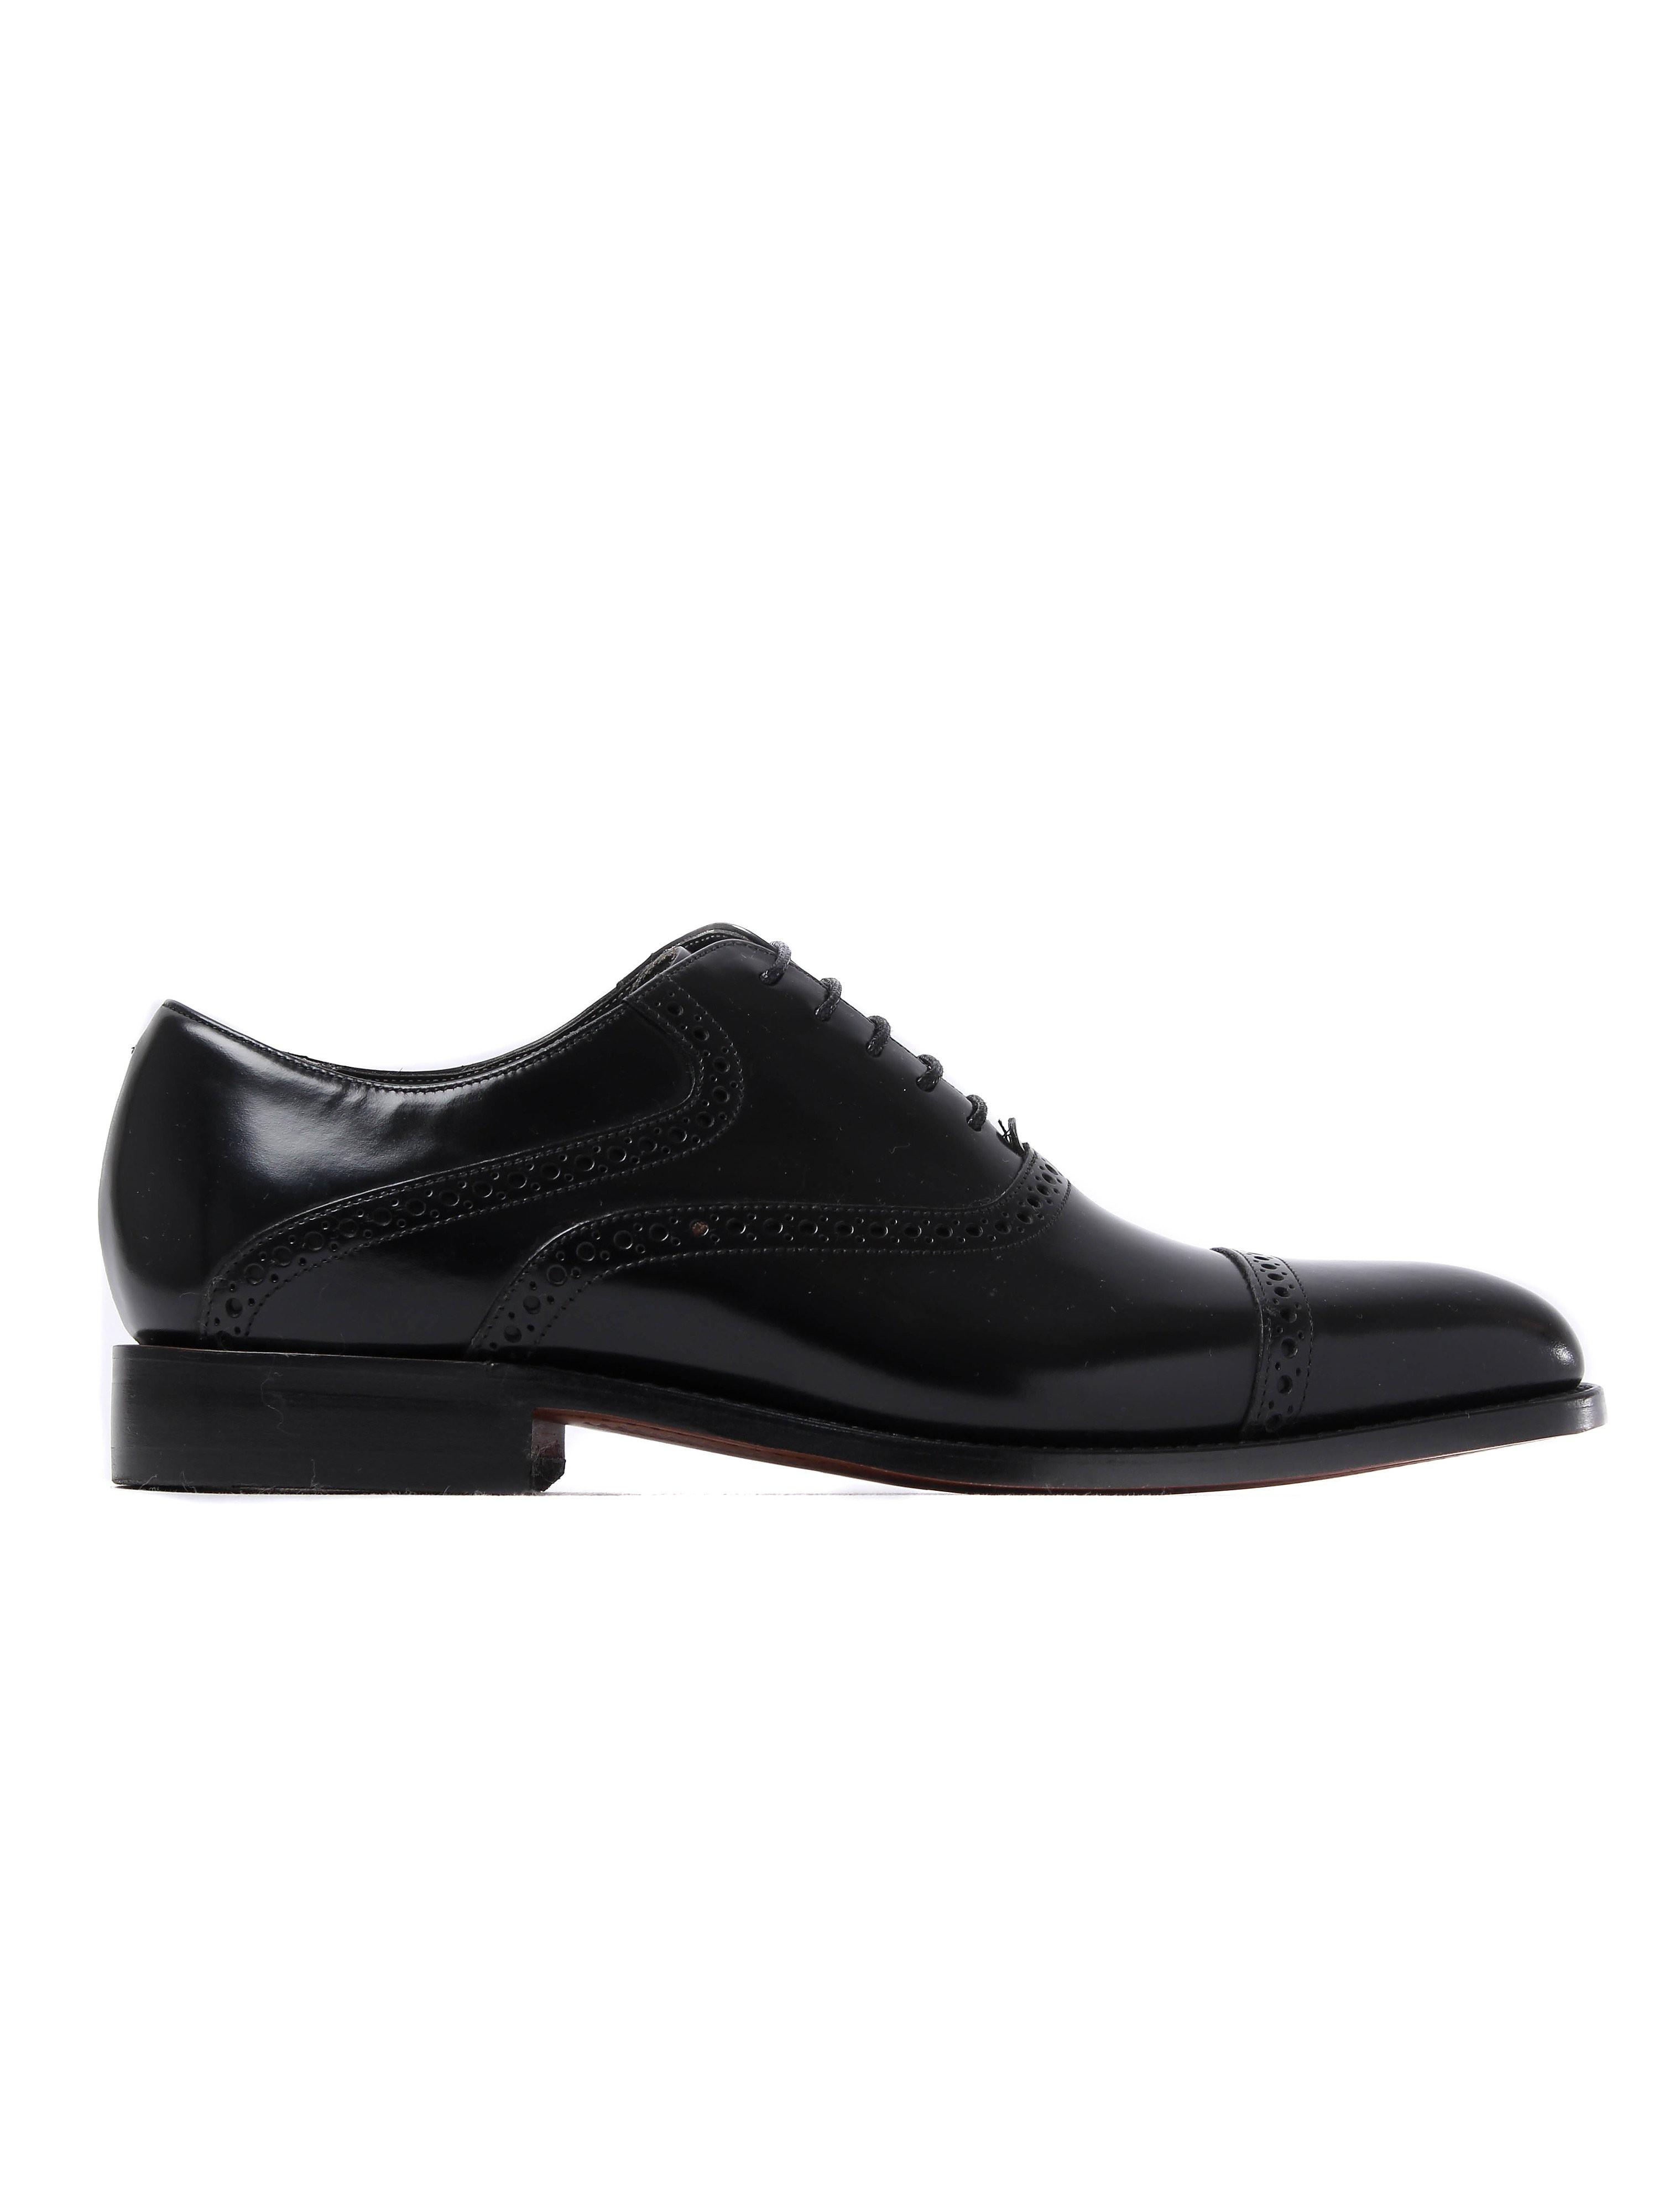 Barker Men's Wilton Patent Leather Cap-Toe Derby Shoes - Black